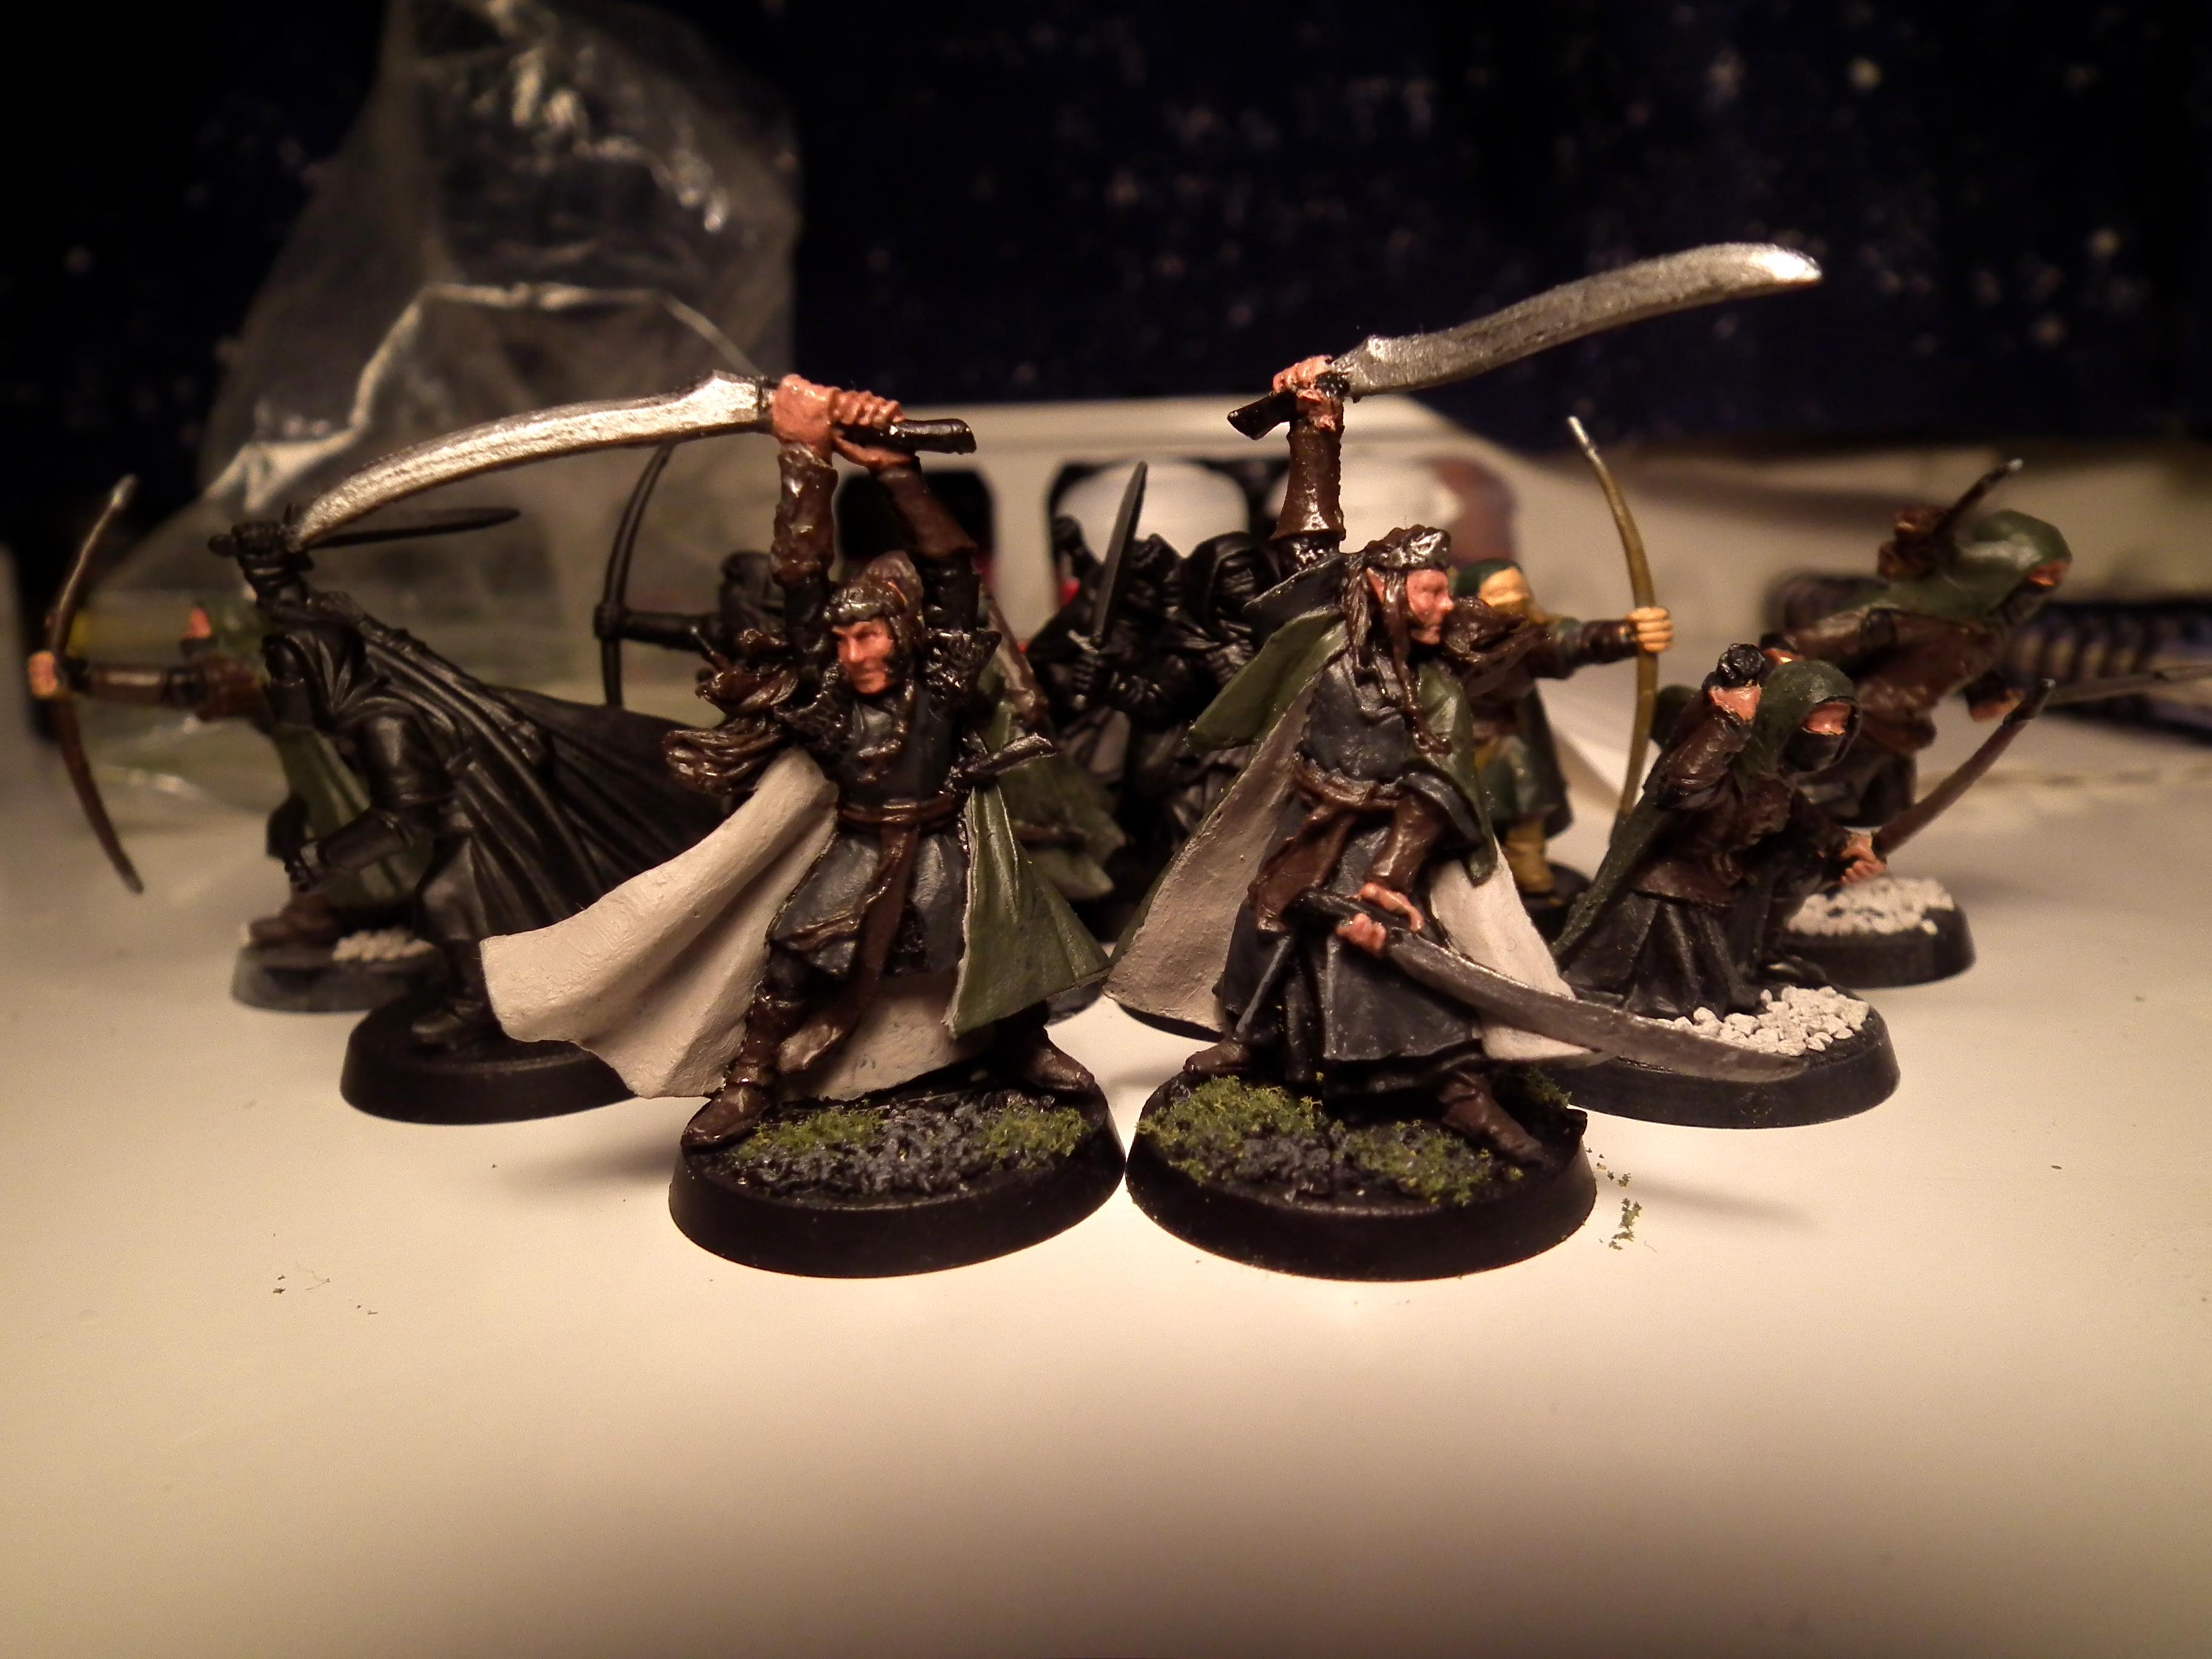 Arnor, Elladan, Elrohir, Elves, Lord Of The Rings, Rangers